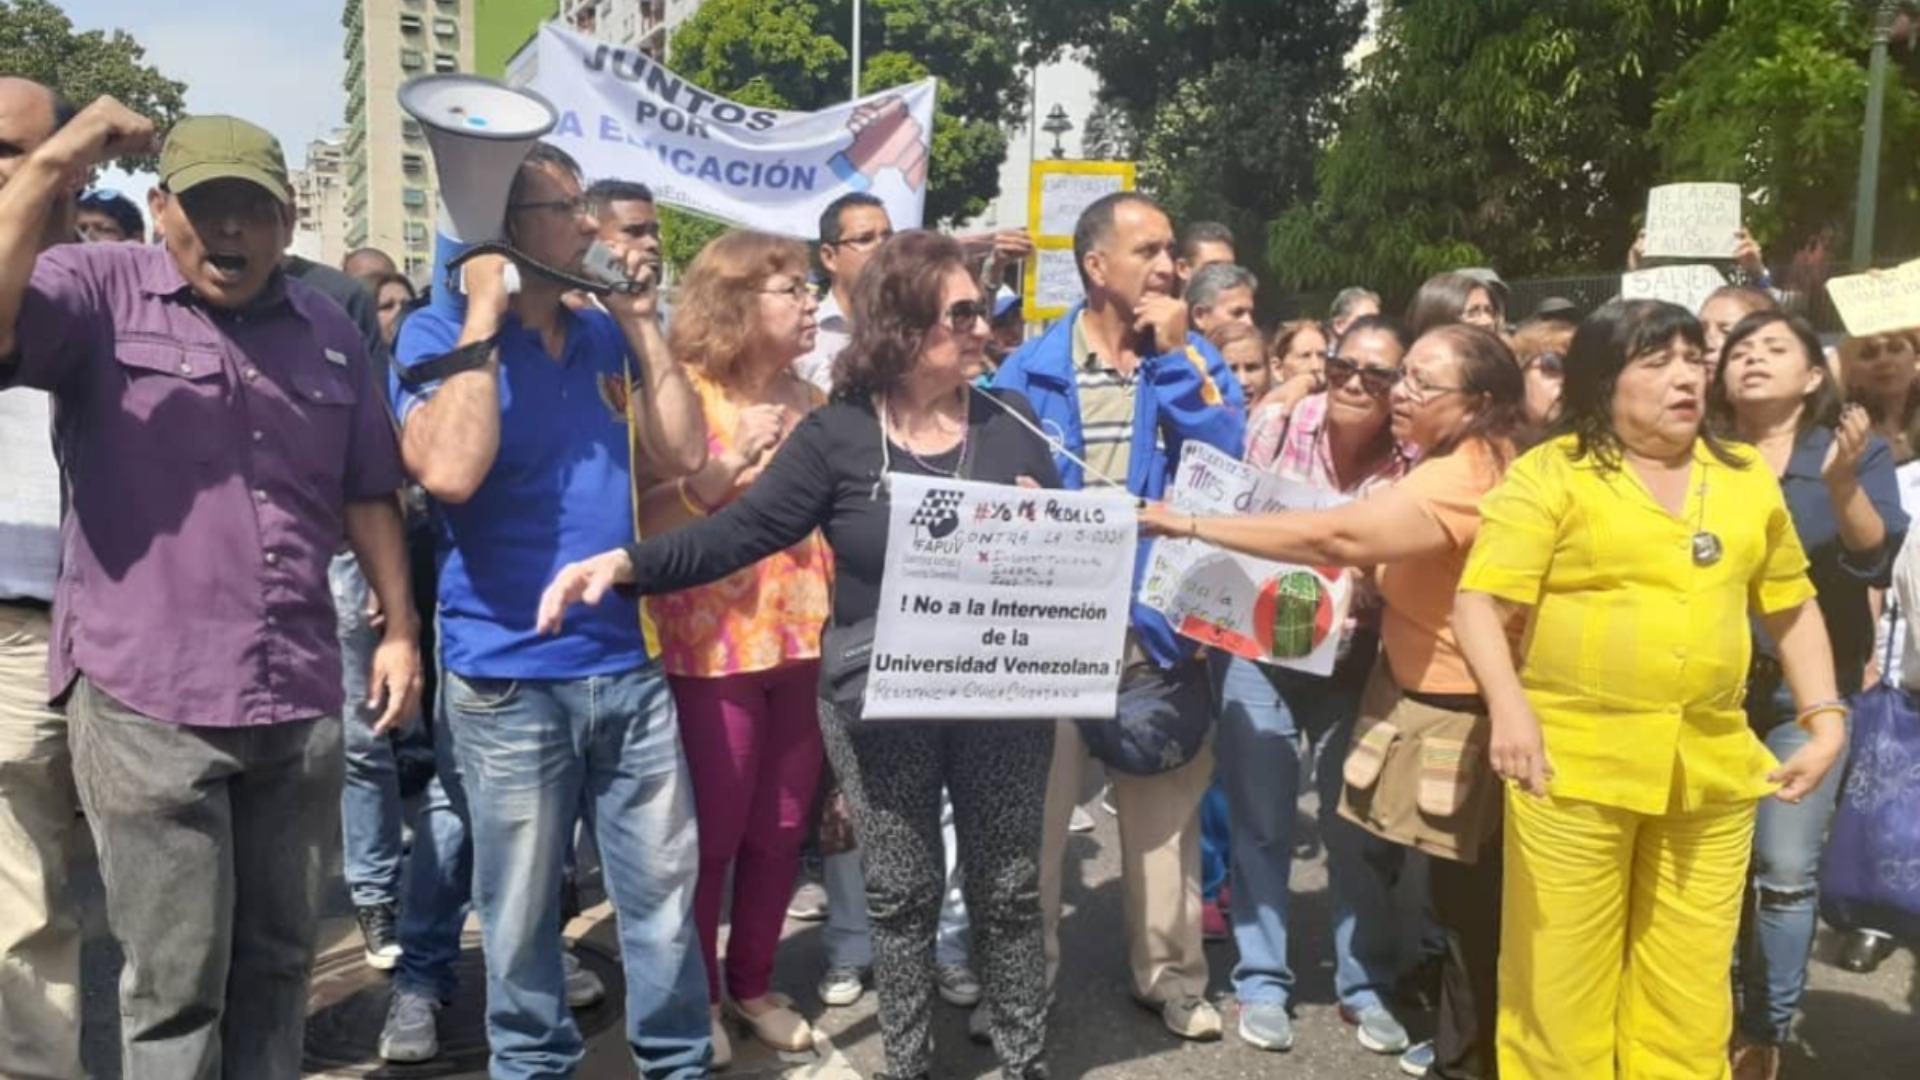 Gremio educativo protesta para exigir mejoras salariales y laborales